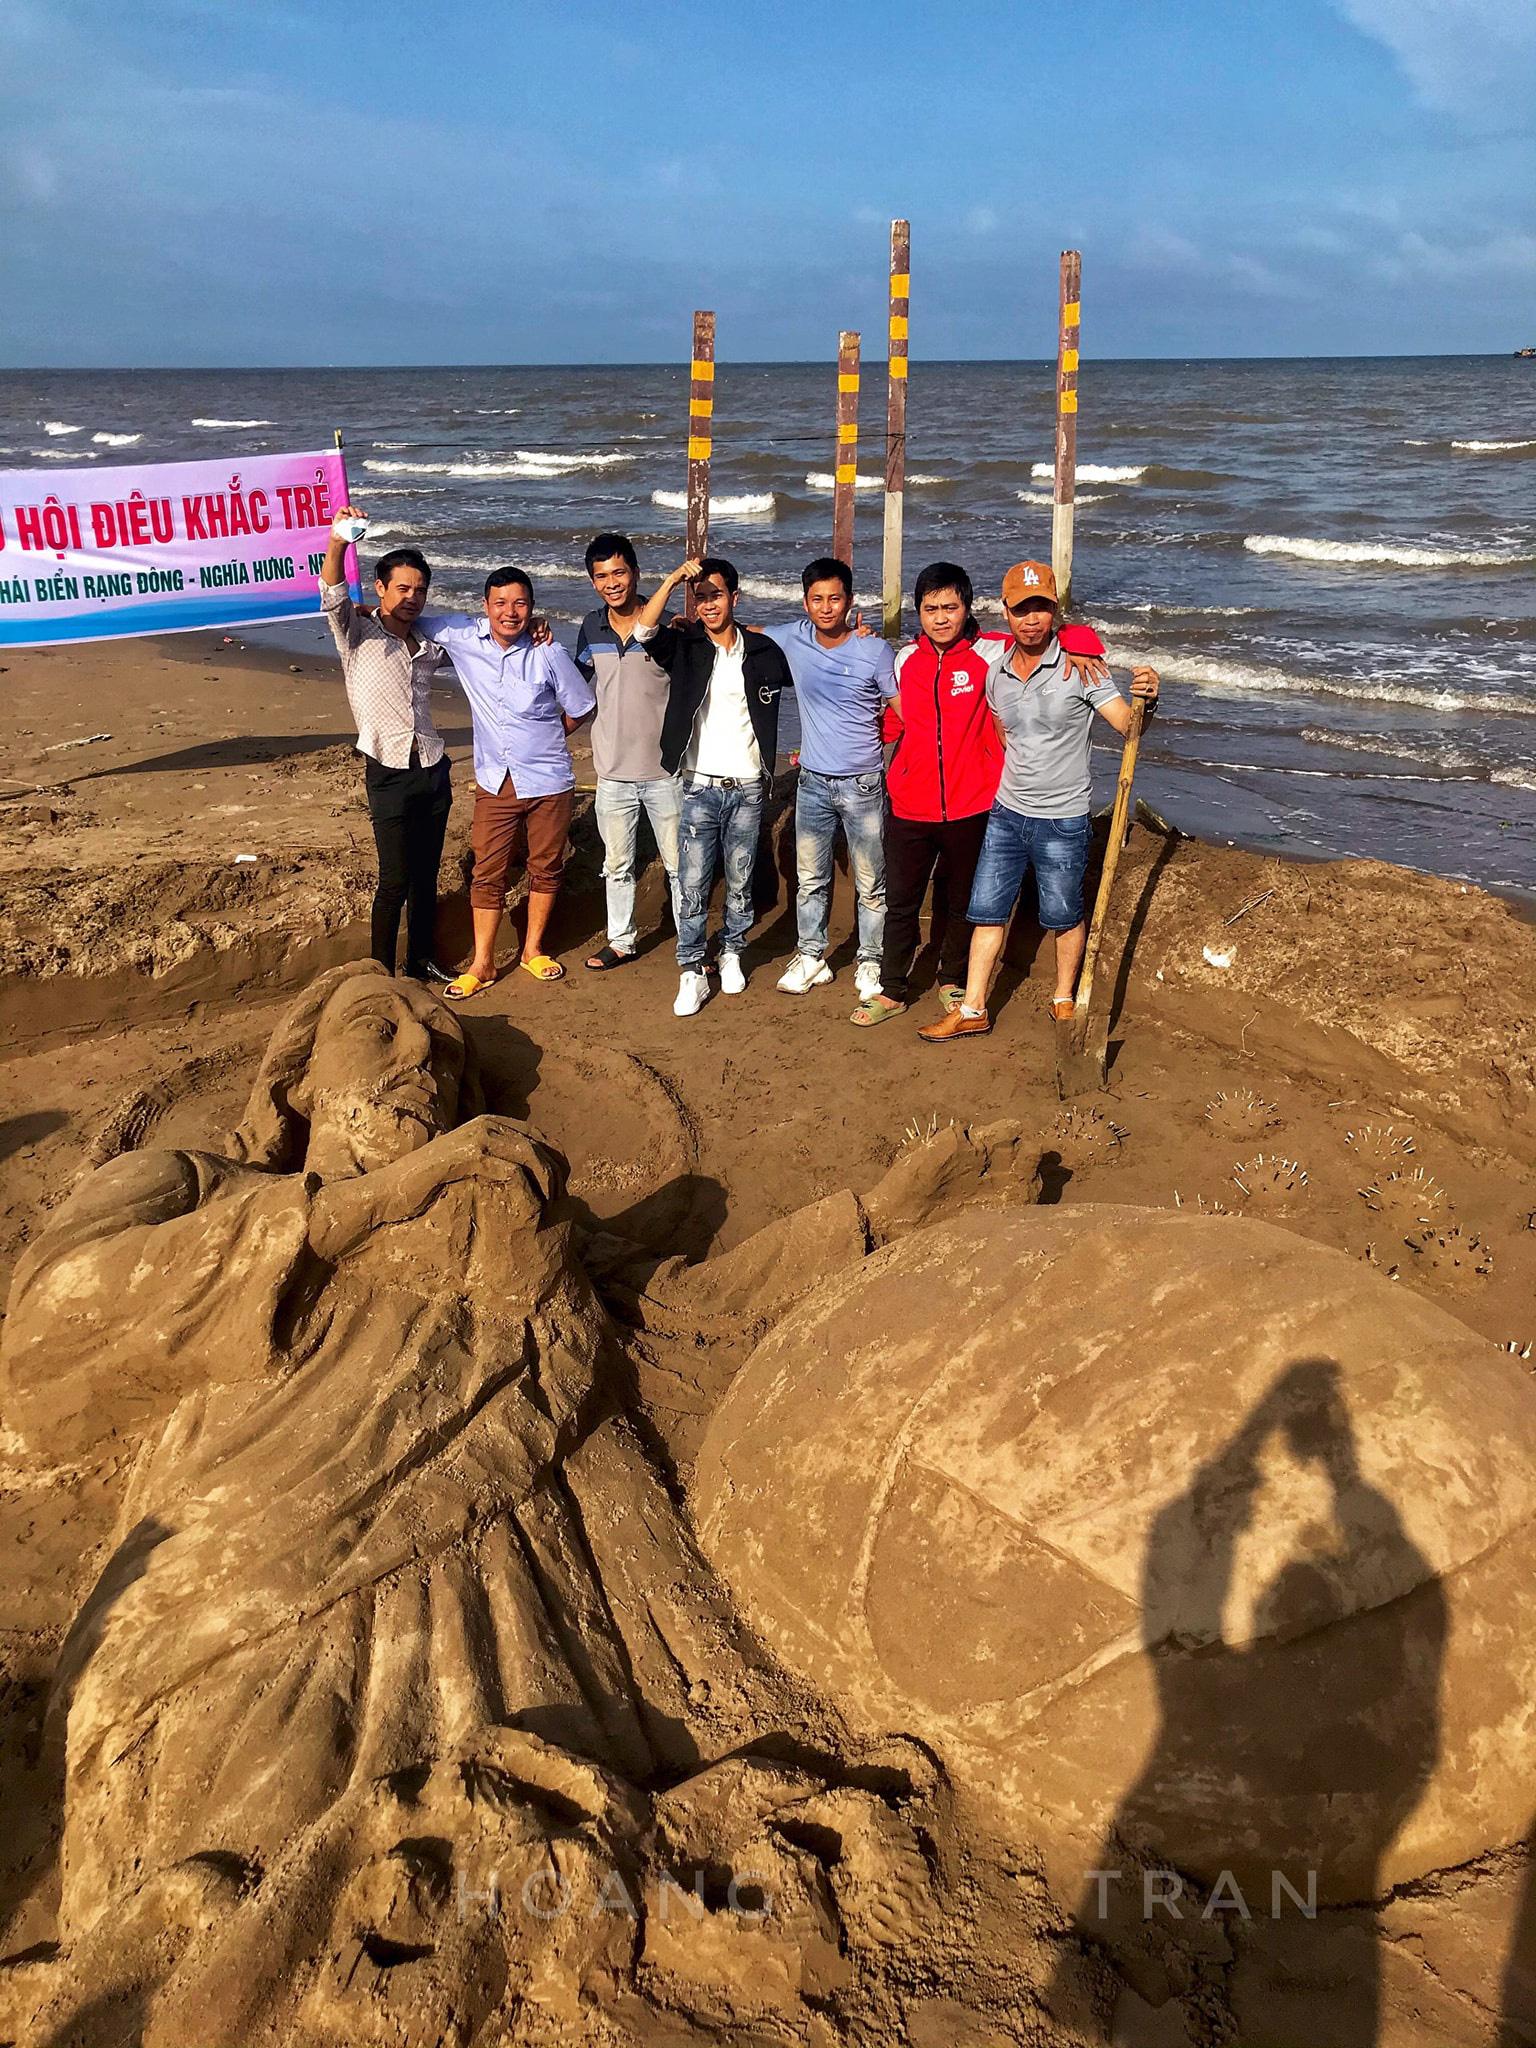 """Nam Định: Độc đáo tác phẩm """"Chúa sẽ che chở cho thế giới thoát khỏi đại dịch Covid-19"""" trên bãi biển - Ảnh 1."""